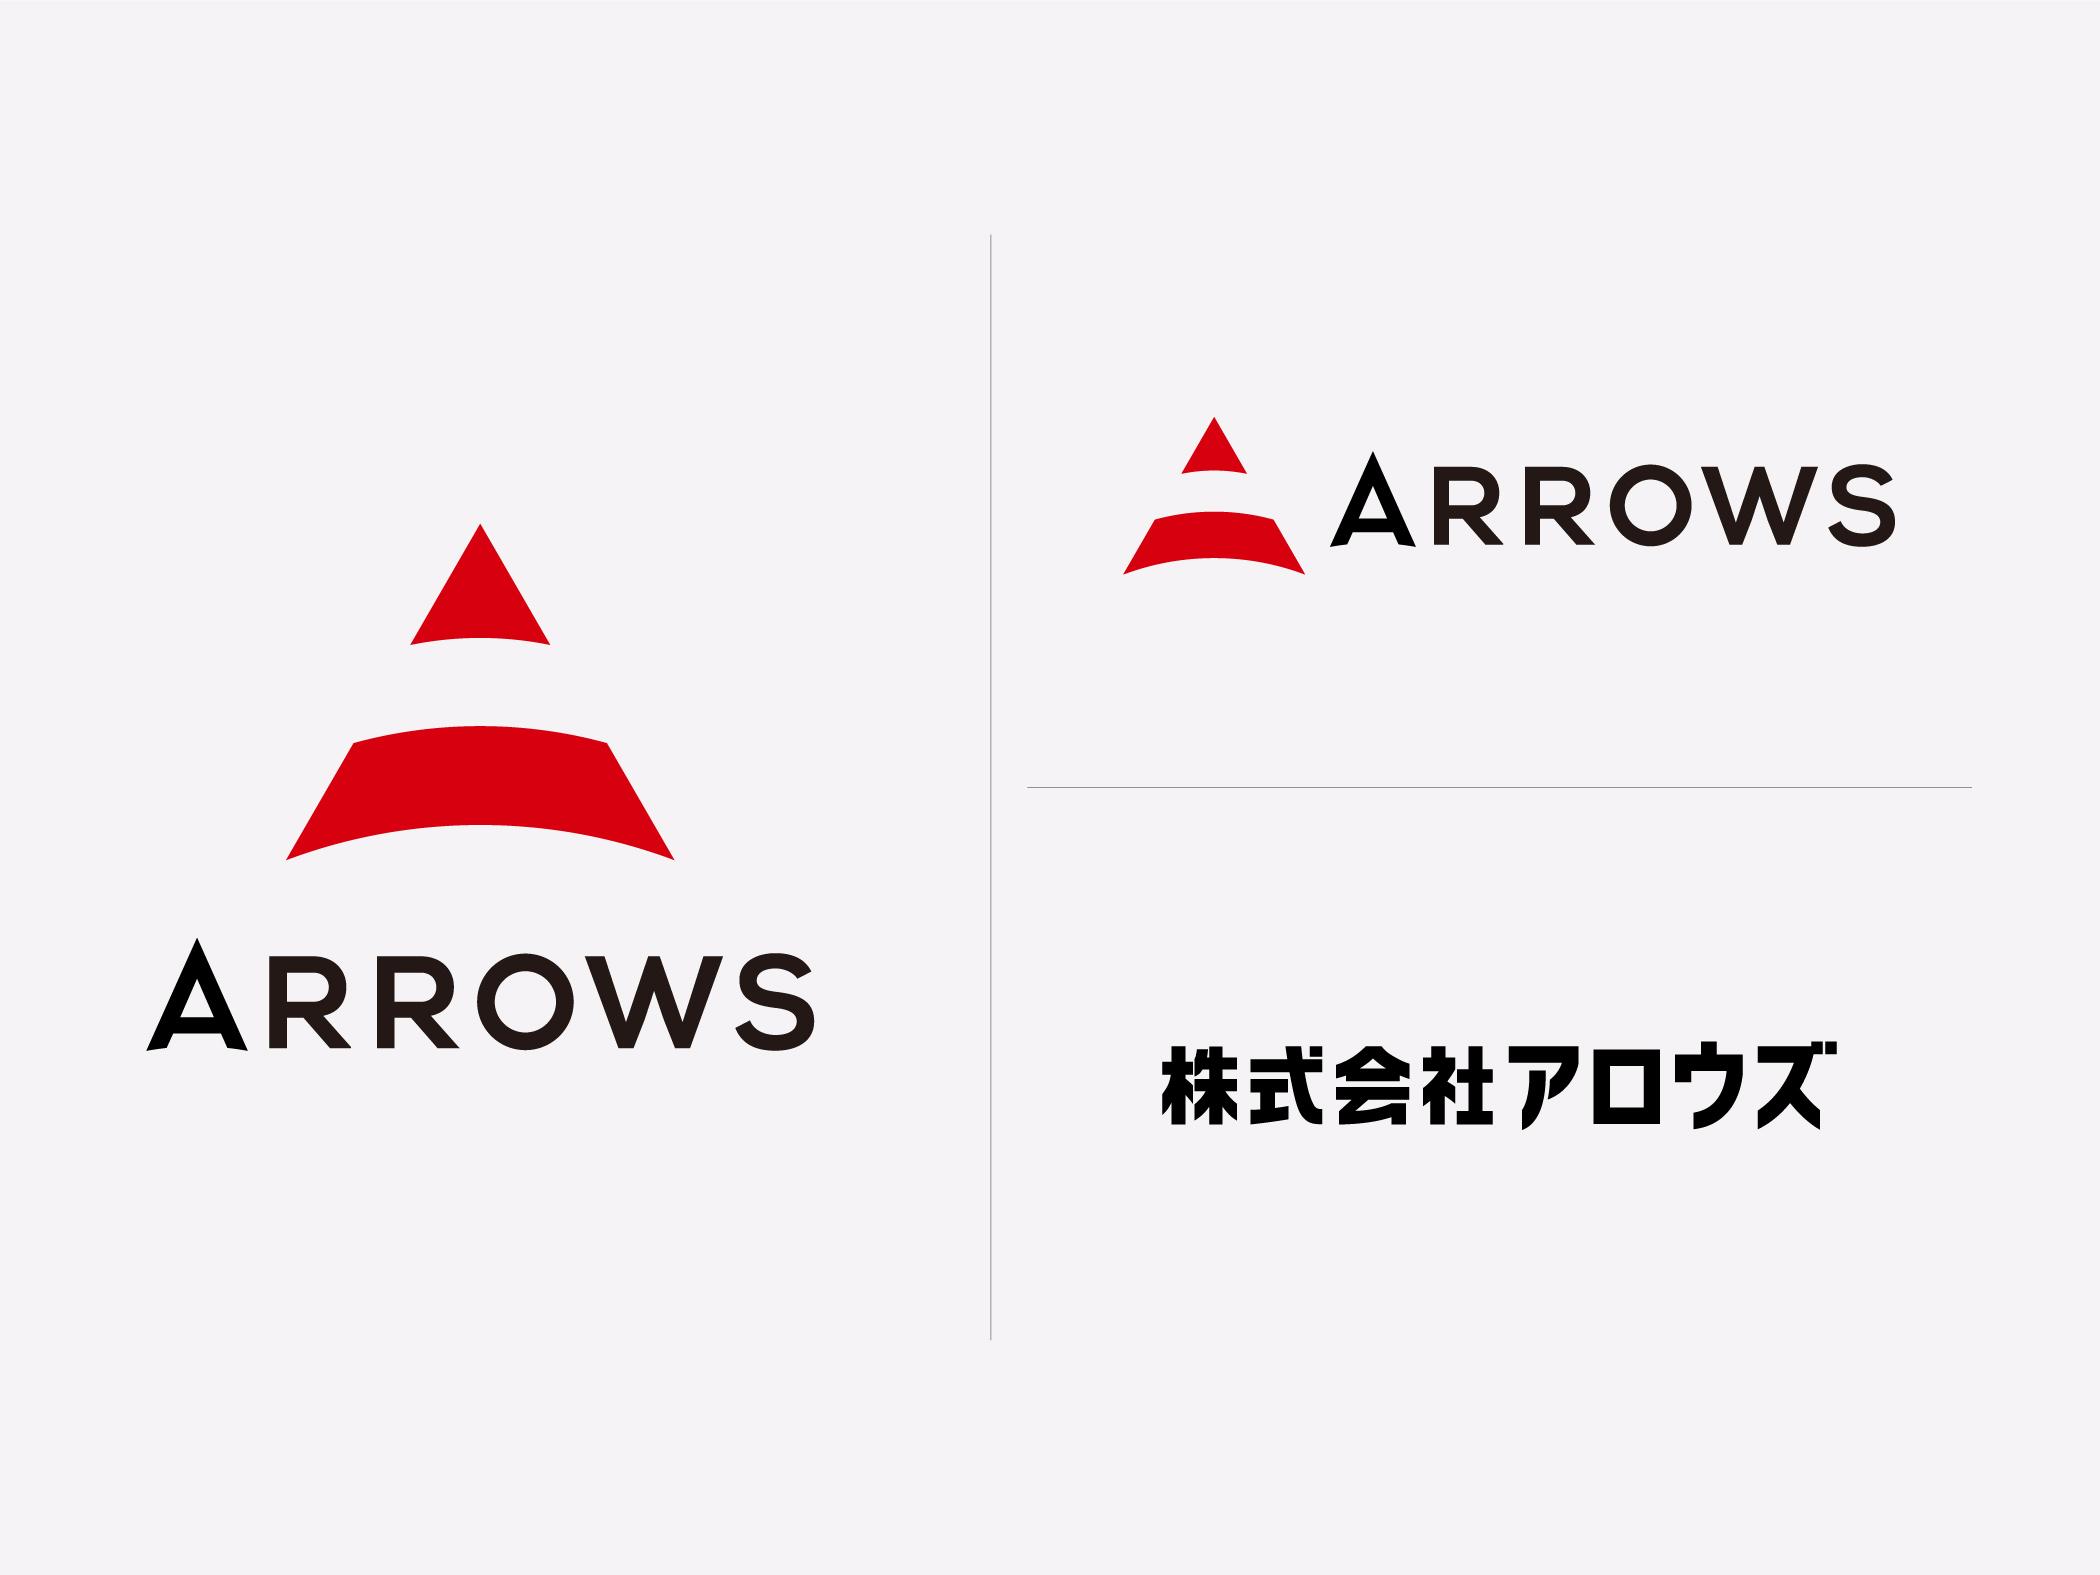 株式会社ARROWSのシンボルマーク